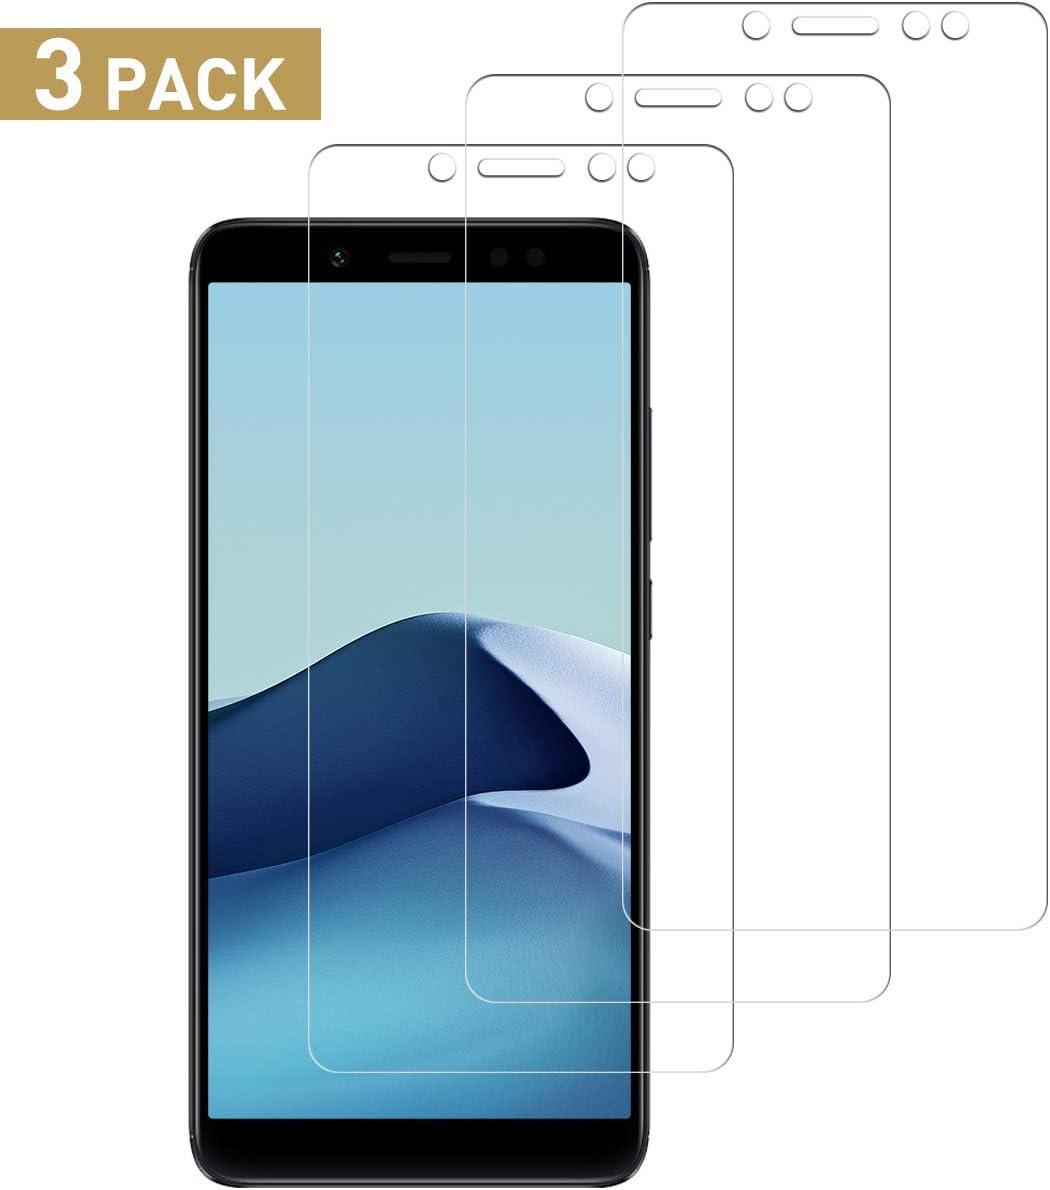 SNUNGPHIR Protector de Pantalla para Xiaomi Redmi Note 5 Cristal Templado, [3 Piezas] [9H Dureza] Vidrio Templado Screen Protector para Xiaomi Redmi Note 5 [Admite la función de Huella Digital]